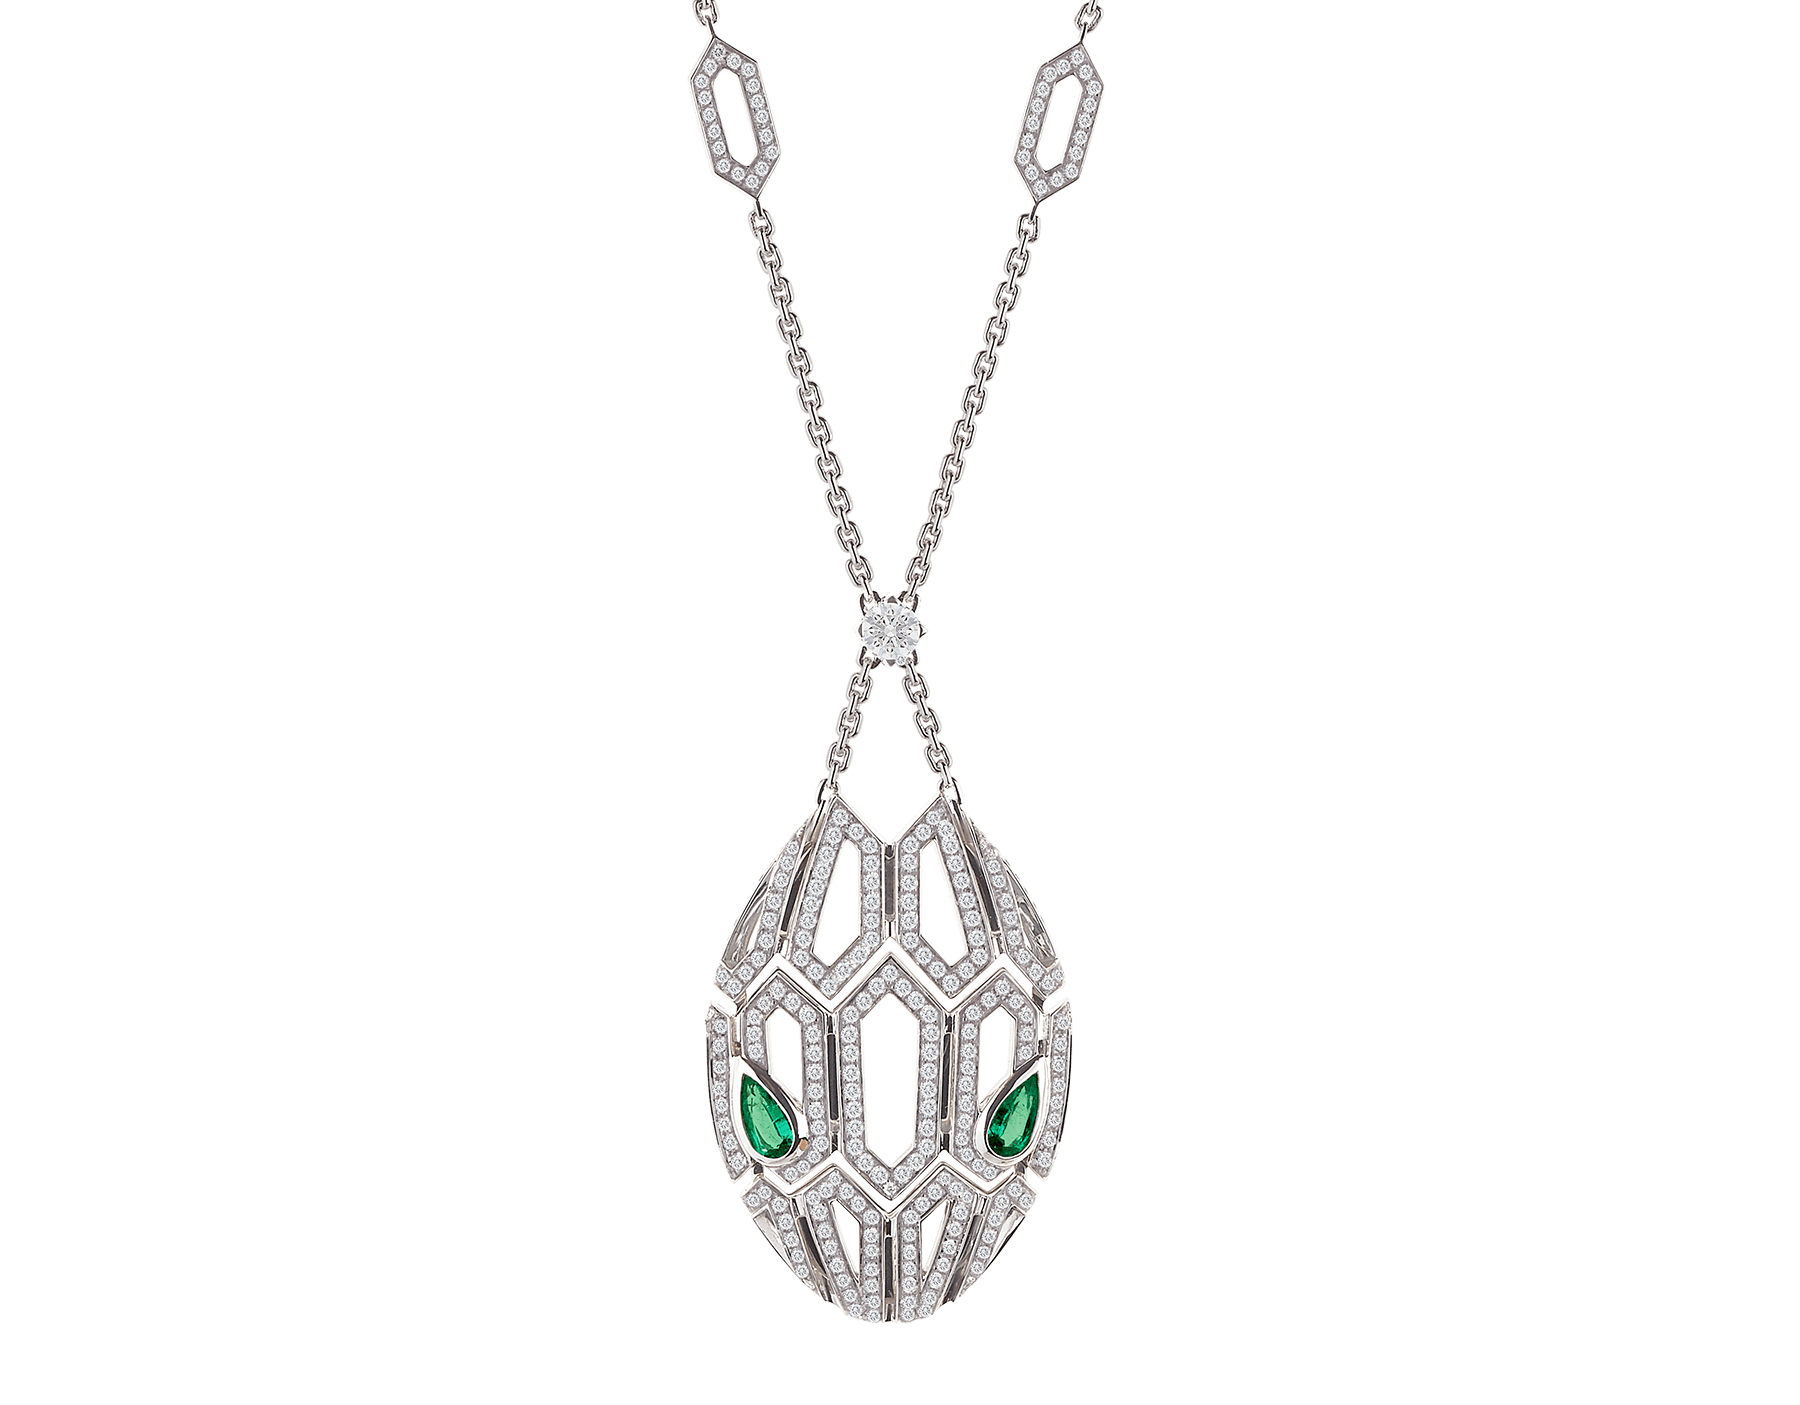 El collar Serpenti, cuyas escamas de serpiente están embellecidas con un encantador motivo hexagonal con pavé de diamantes, brilla con el deseo y el irresistible magnetismo de sus ojos de esmeralda. 352752 image 1